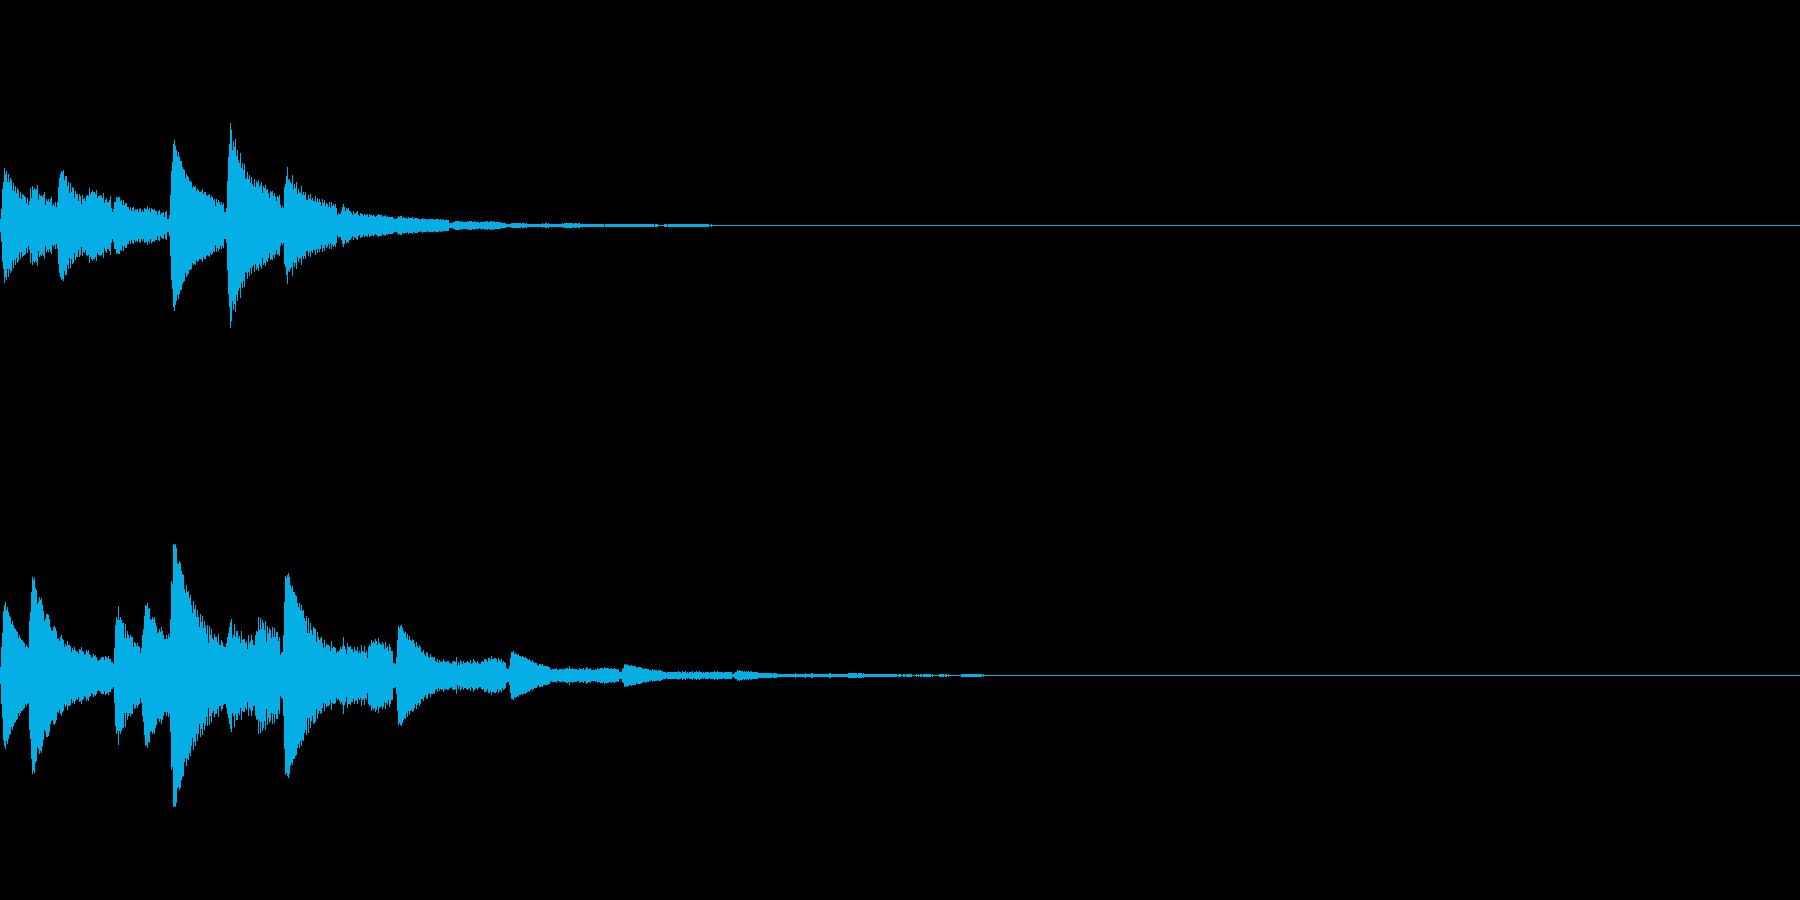 ポロン(癒し系アンビエント/静か/神秘的の再生済みの波形